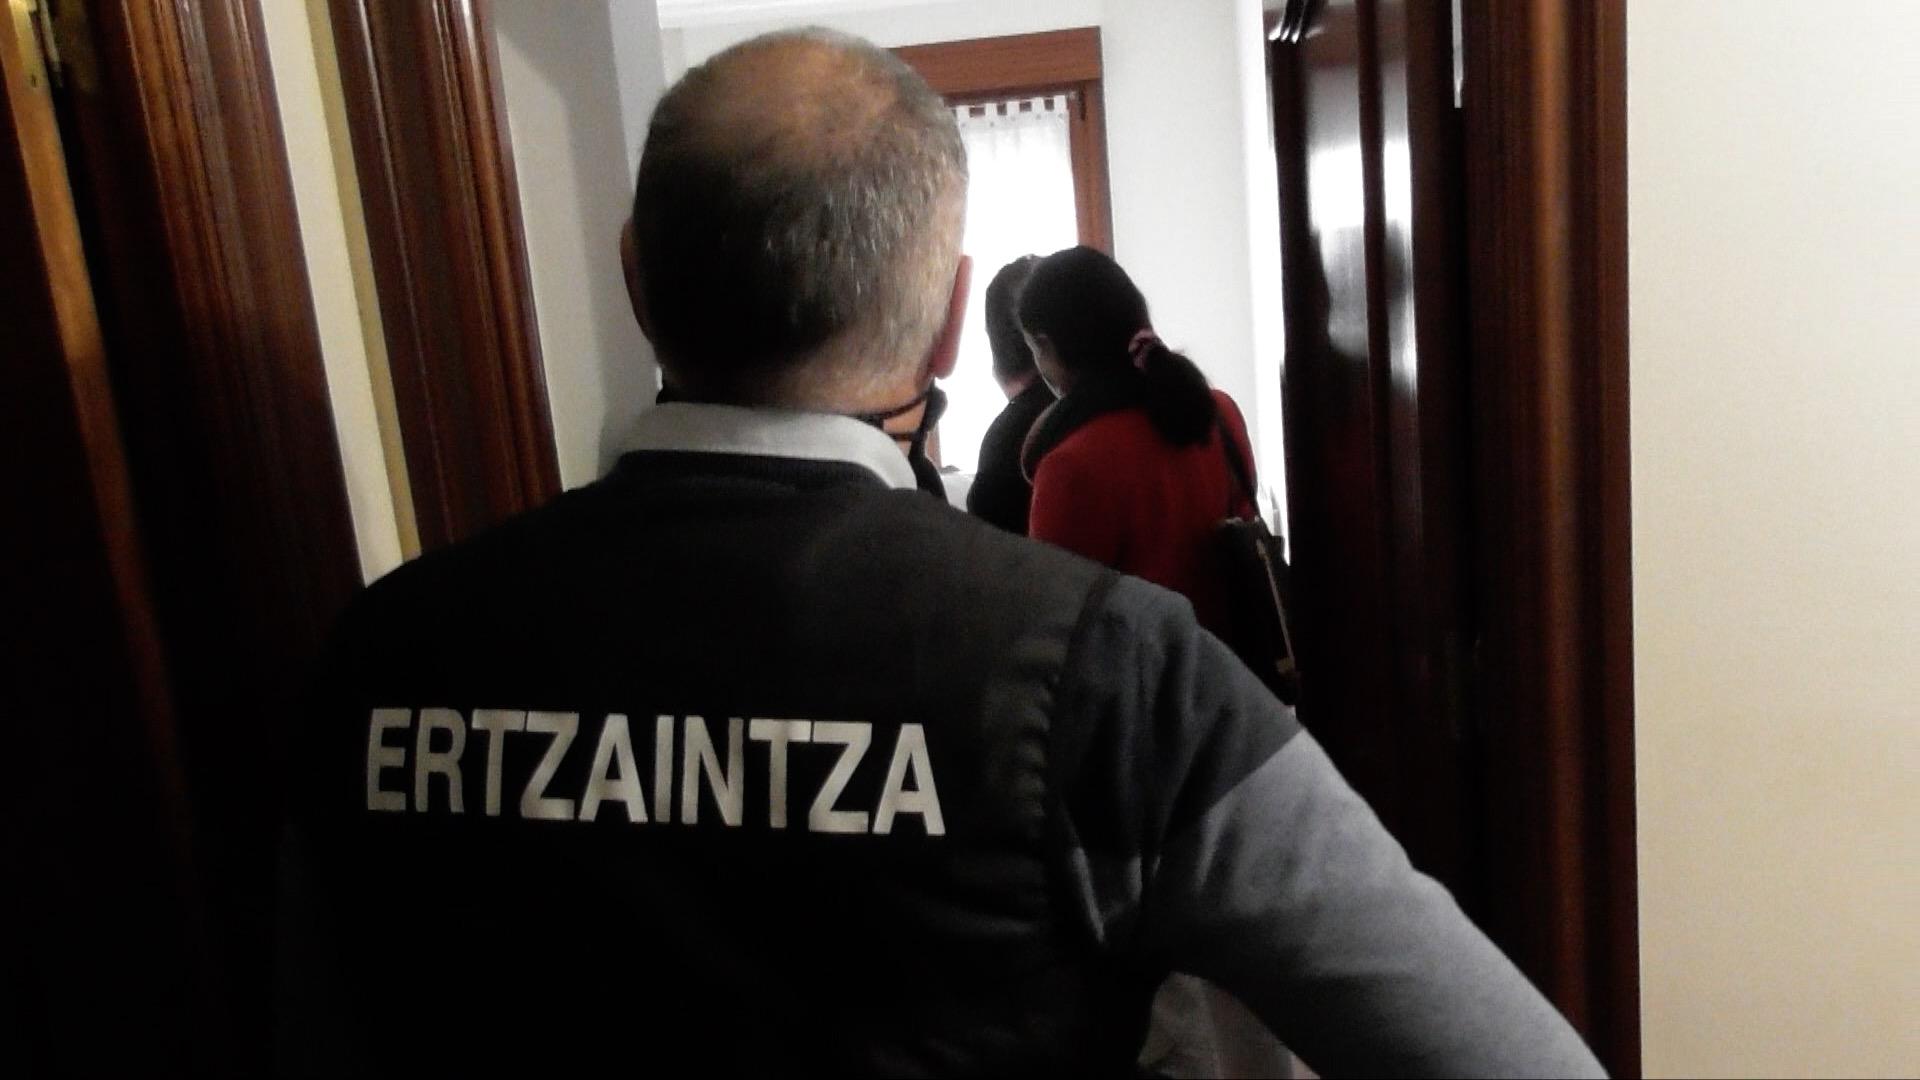 Desarticulada una organización criminal internacional dedicada a la estafa sistemática en el alquiler de alojamientos turísticos a través de Internet [1:19]